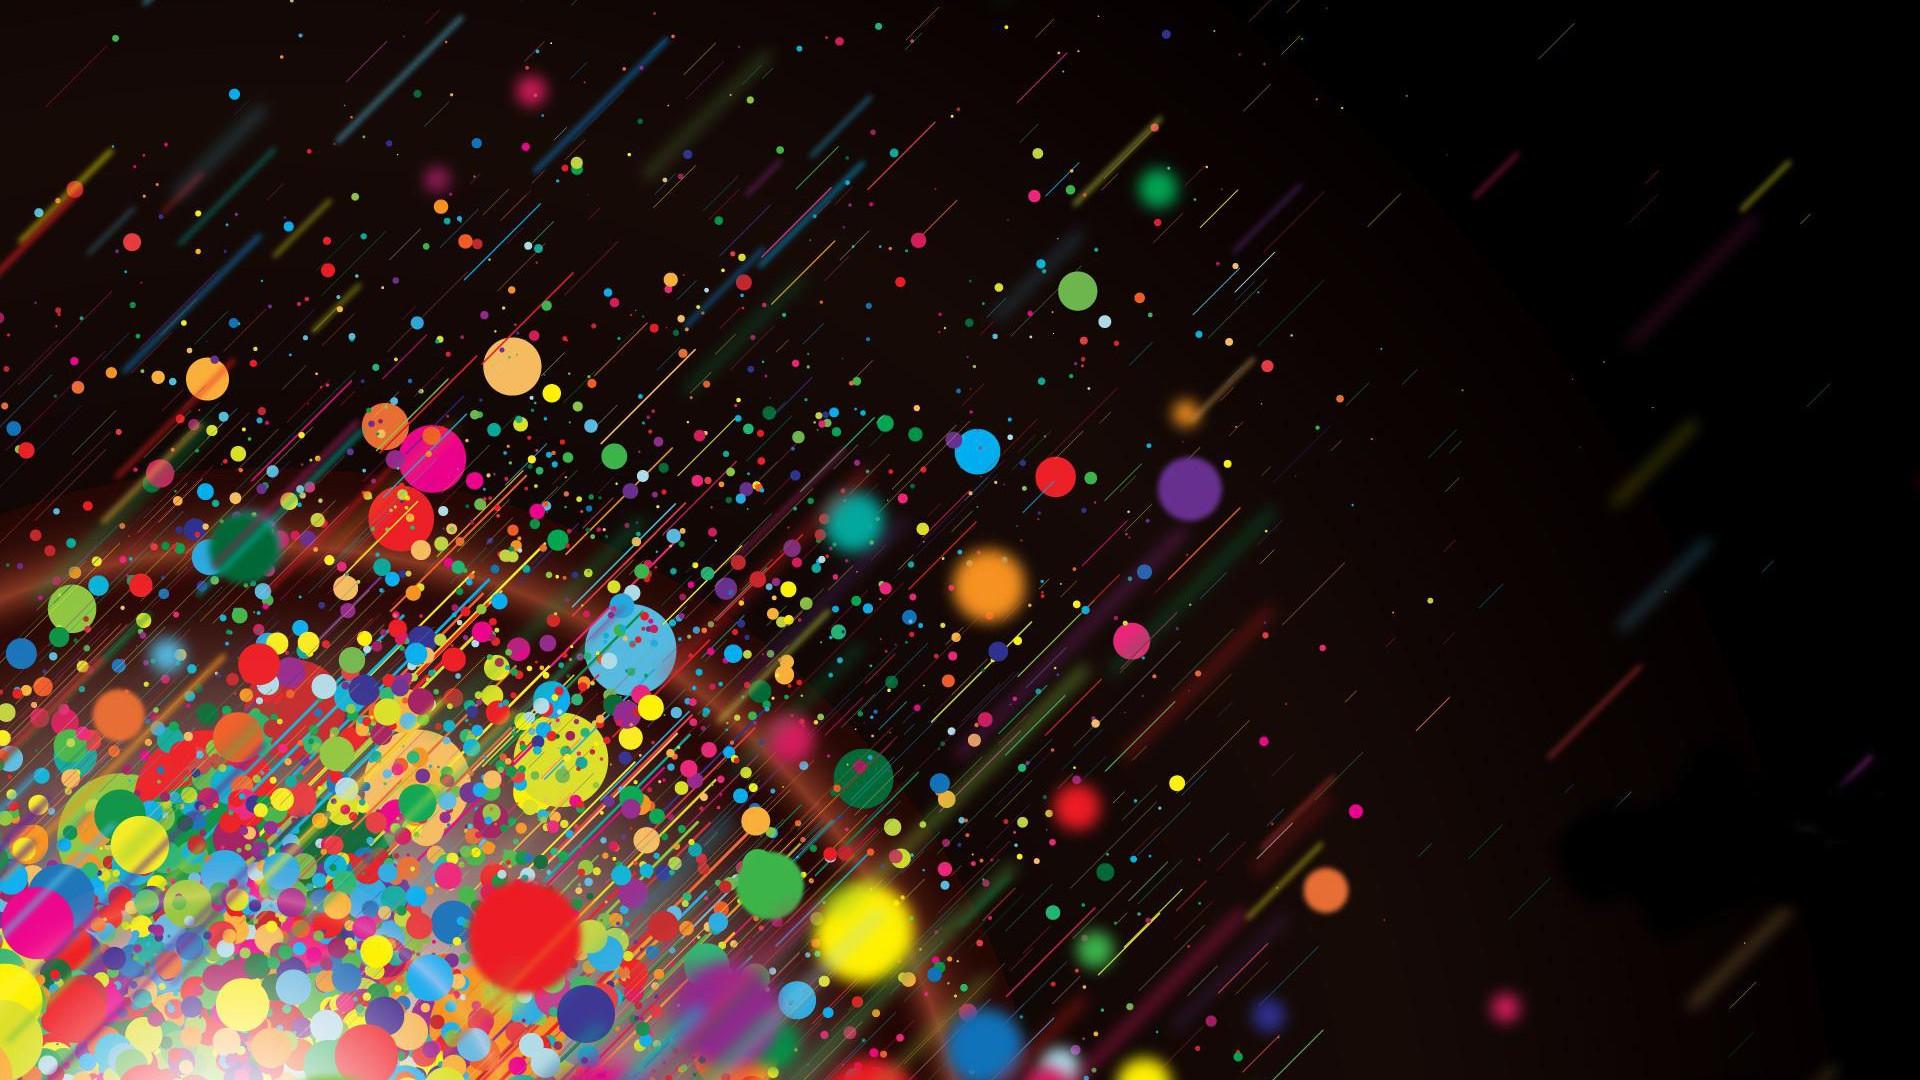 Hd Abstract Wallpapers 1080p - WallpaperSafari